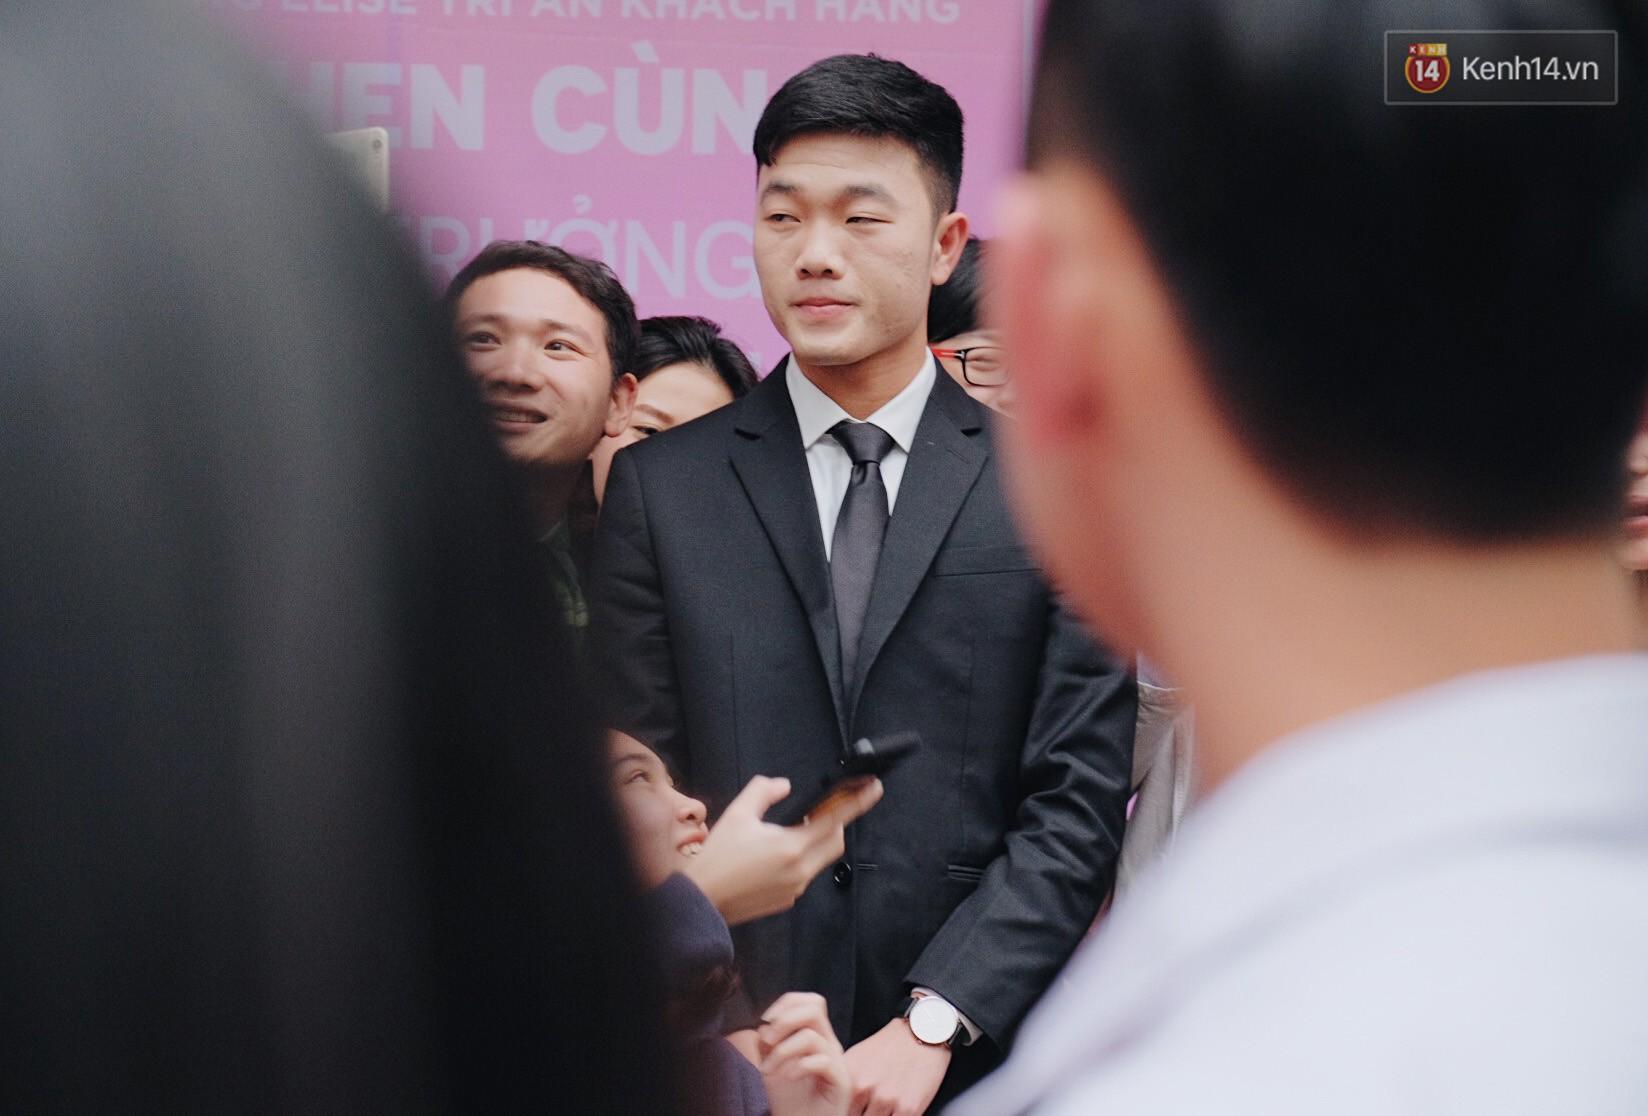 Xuân Trường đẹp trai như idol Hàn, bị fan vây kín khi tham gia sự kiện - Ảnh 5.